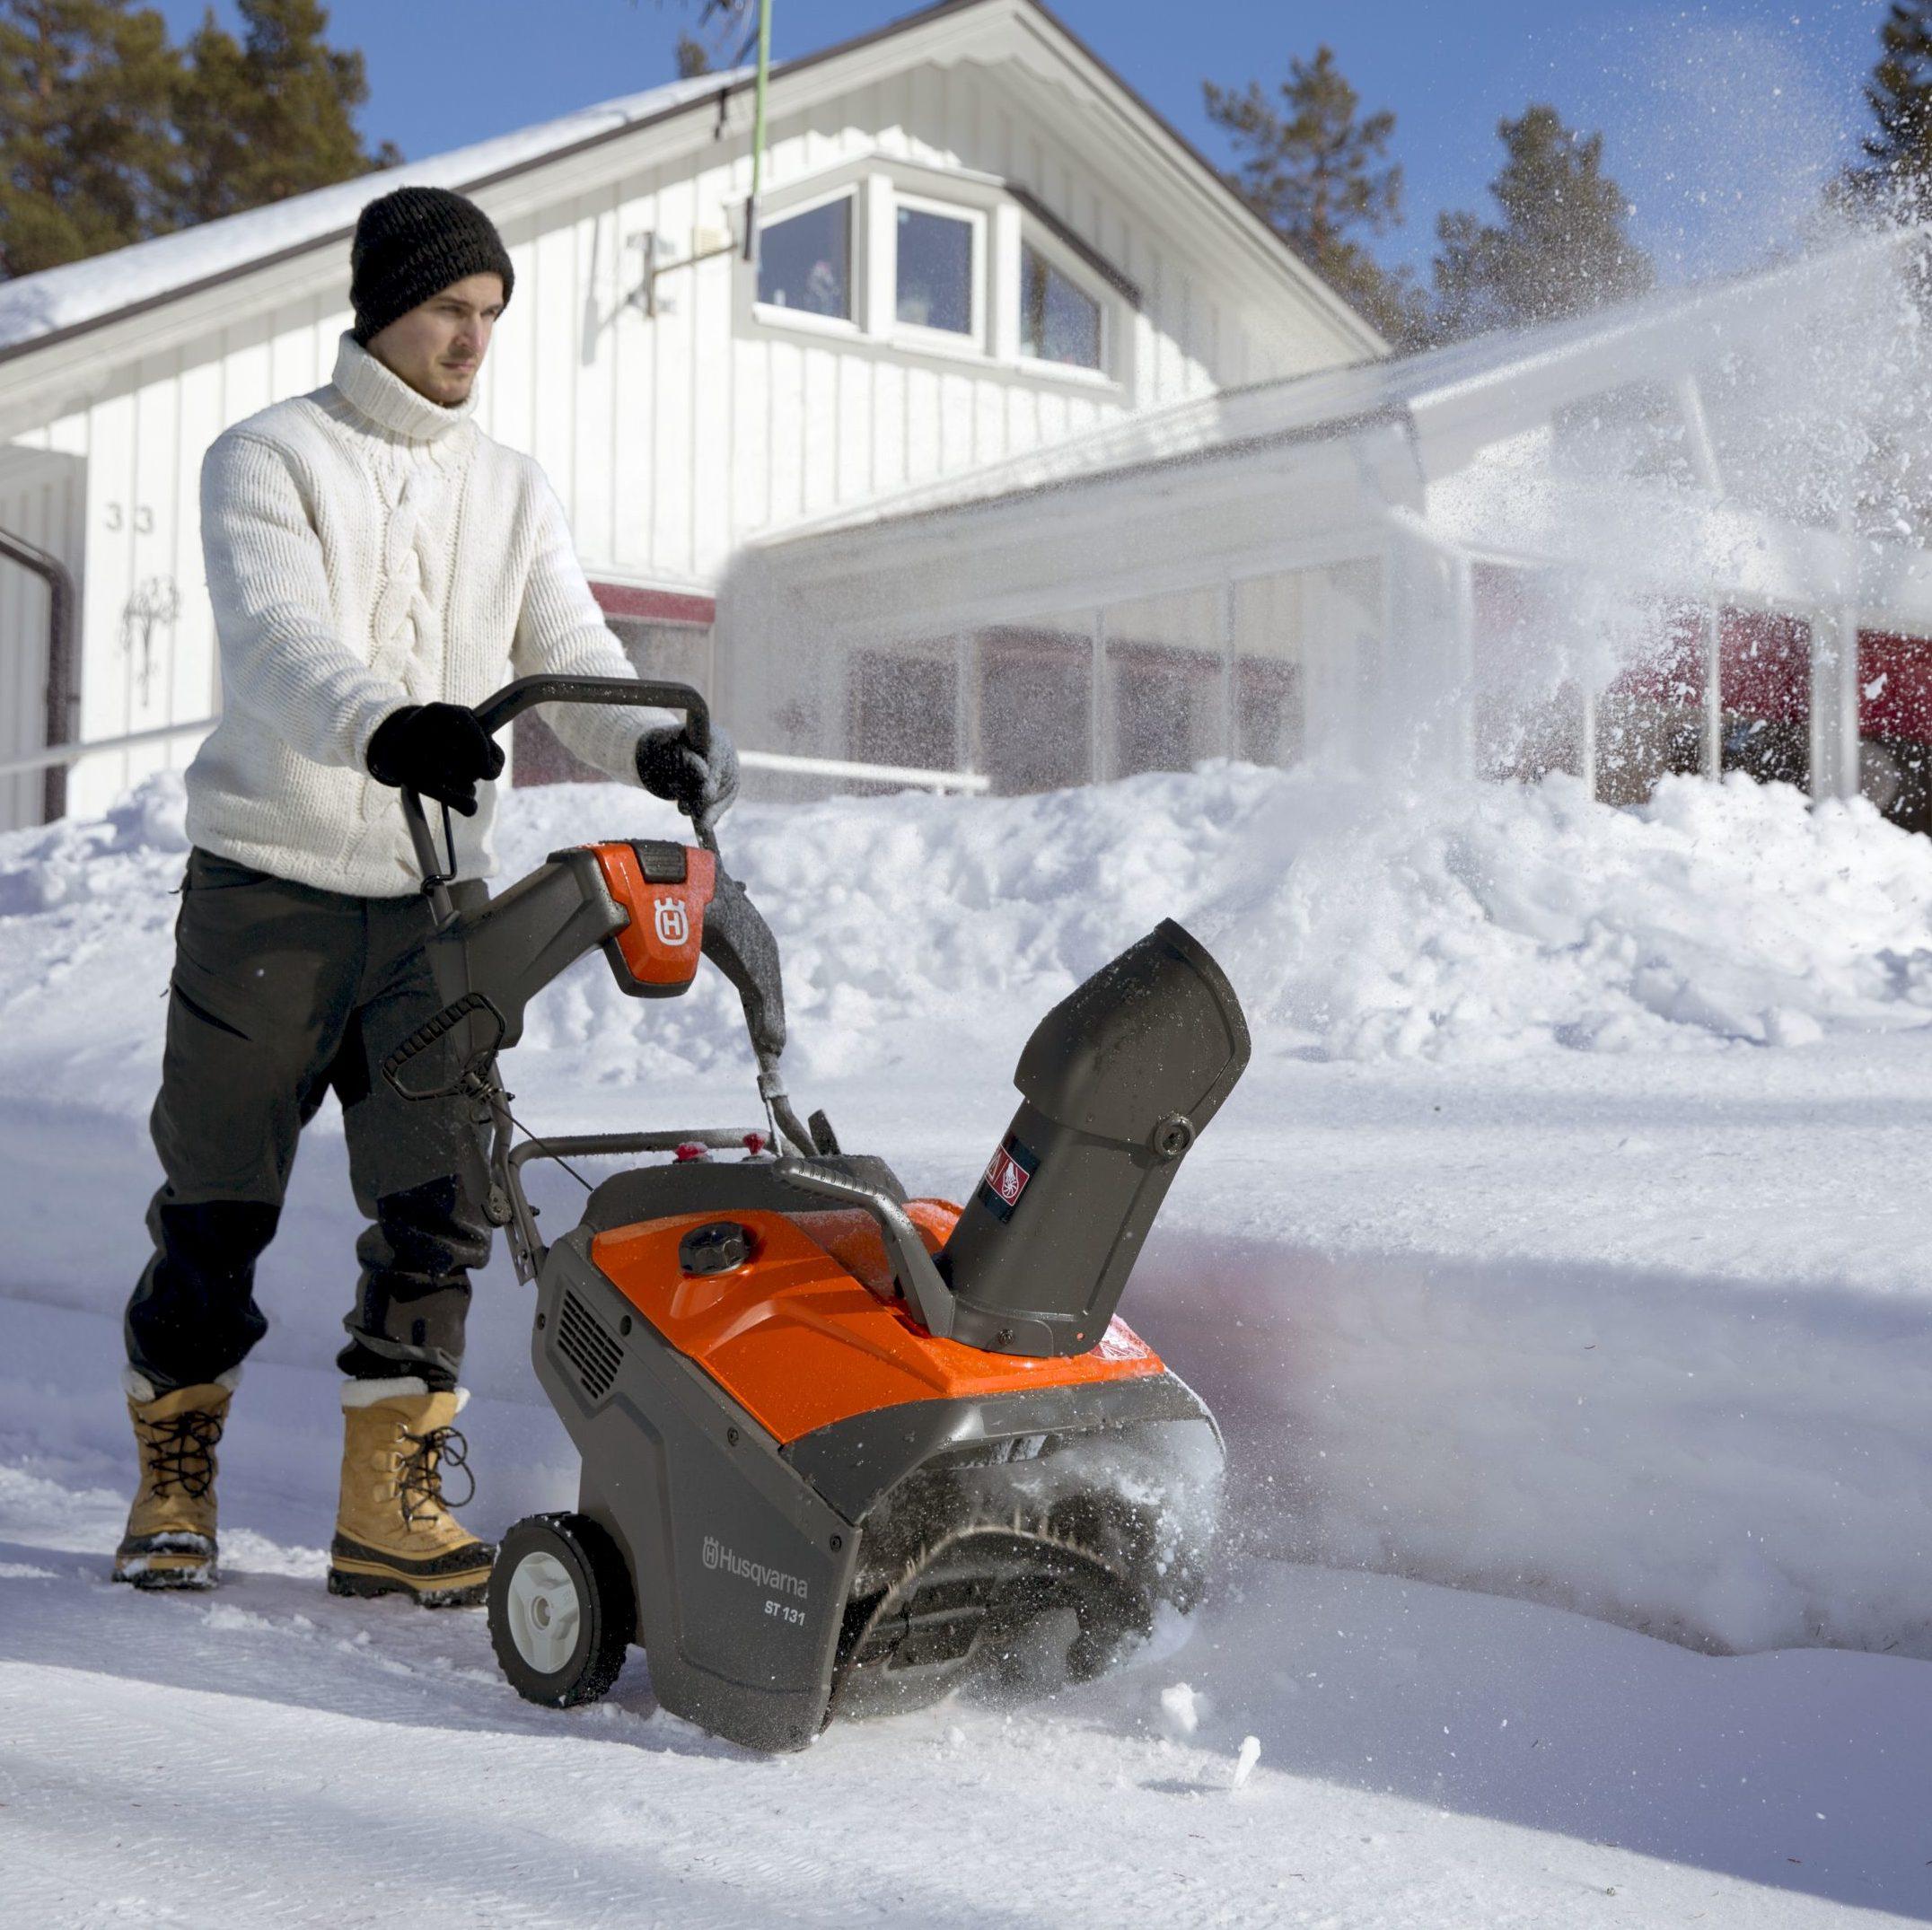 Odśnieżarka Husqvarna ST 131 do usuwania śniegu z twardych, płaskich i wąskich powierzchni na podjazdach do garażu czy ścieżkach. Przeznaczona do usuwania świeżego śniegu o grubości 5-20 cm. Gumowy wirnik zapewnia optymalną pracę i jest delikatny dla wszelkiego rodzaju twardych powierzchni. Wyposażona w elektryczny rozrusznik, który zapewnia łatwy rozruch w każdych warunkach pogodowych. Cena 2 399 zł. www.husqvarna.com/pl